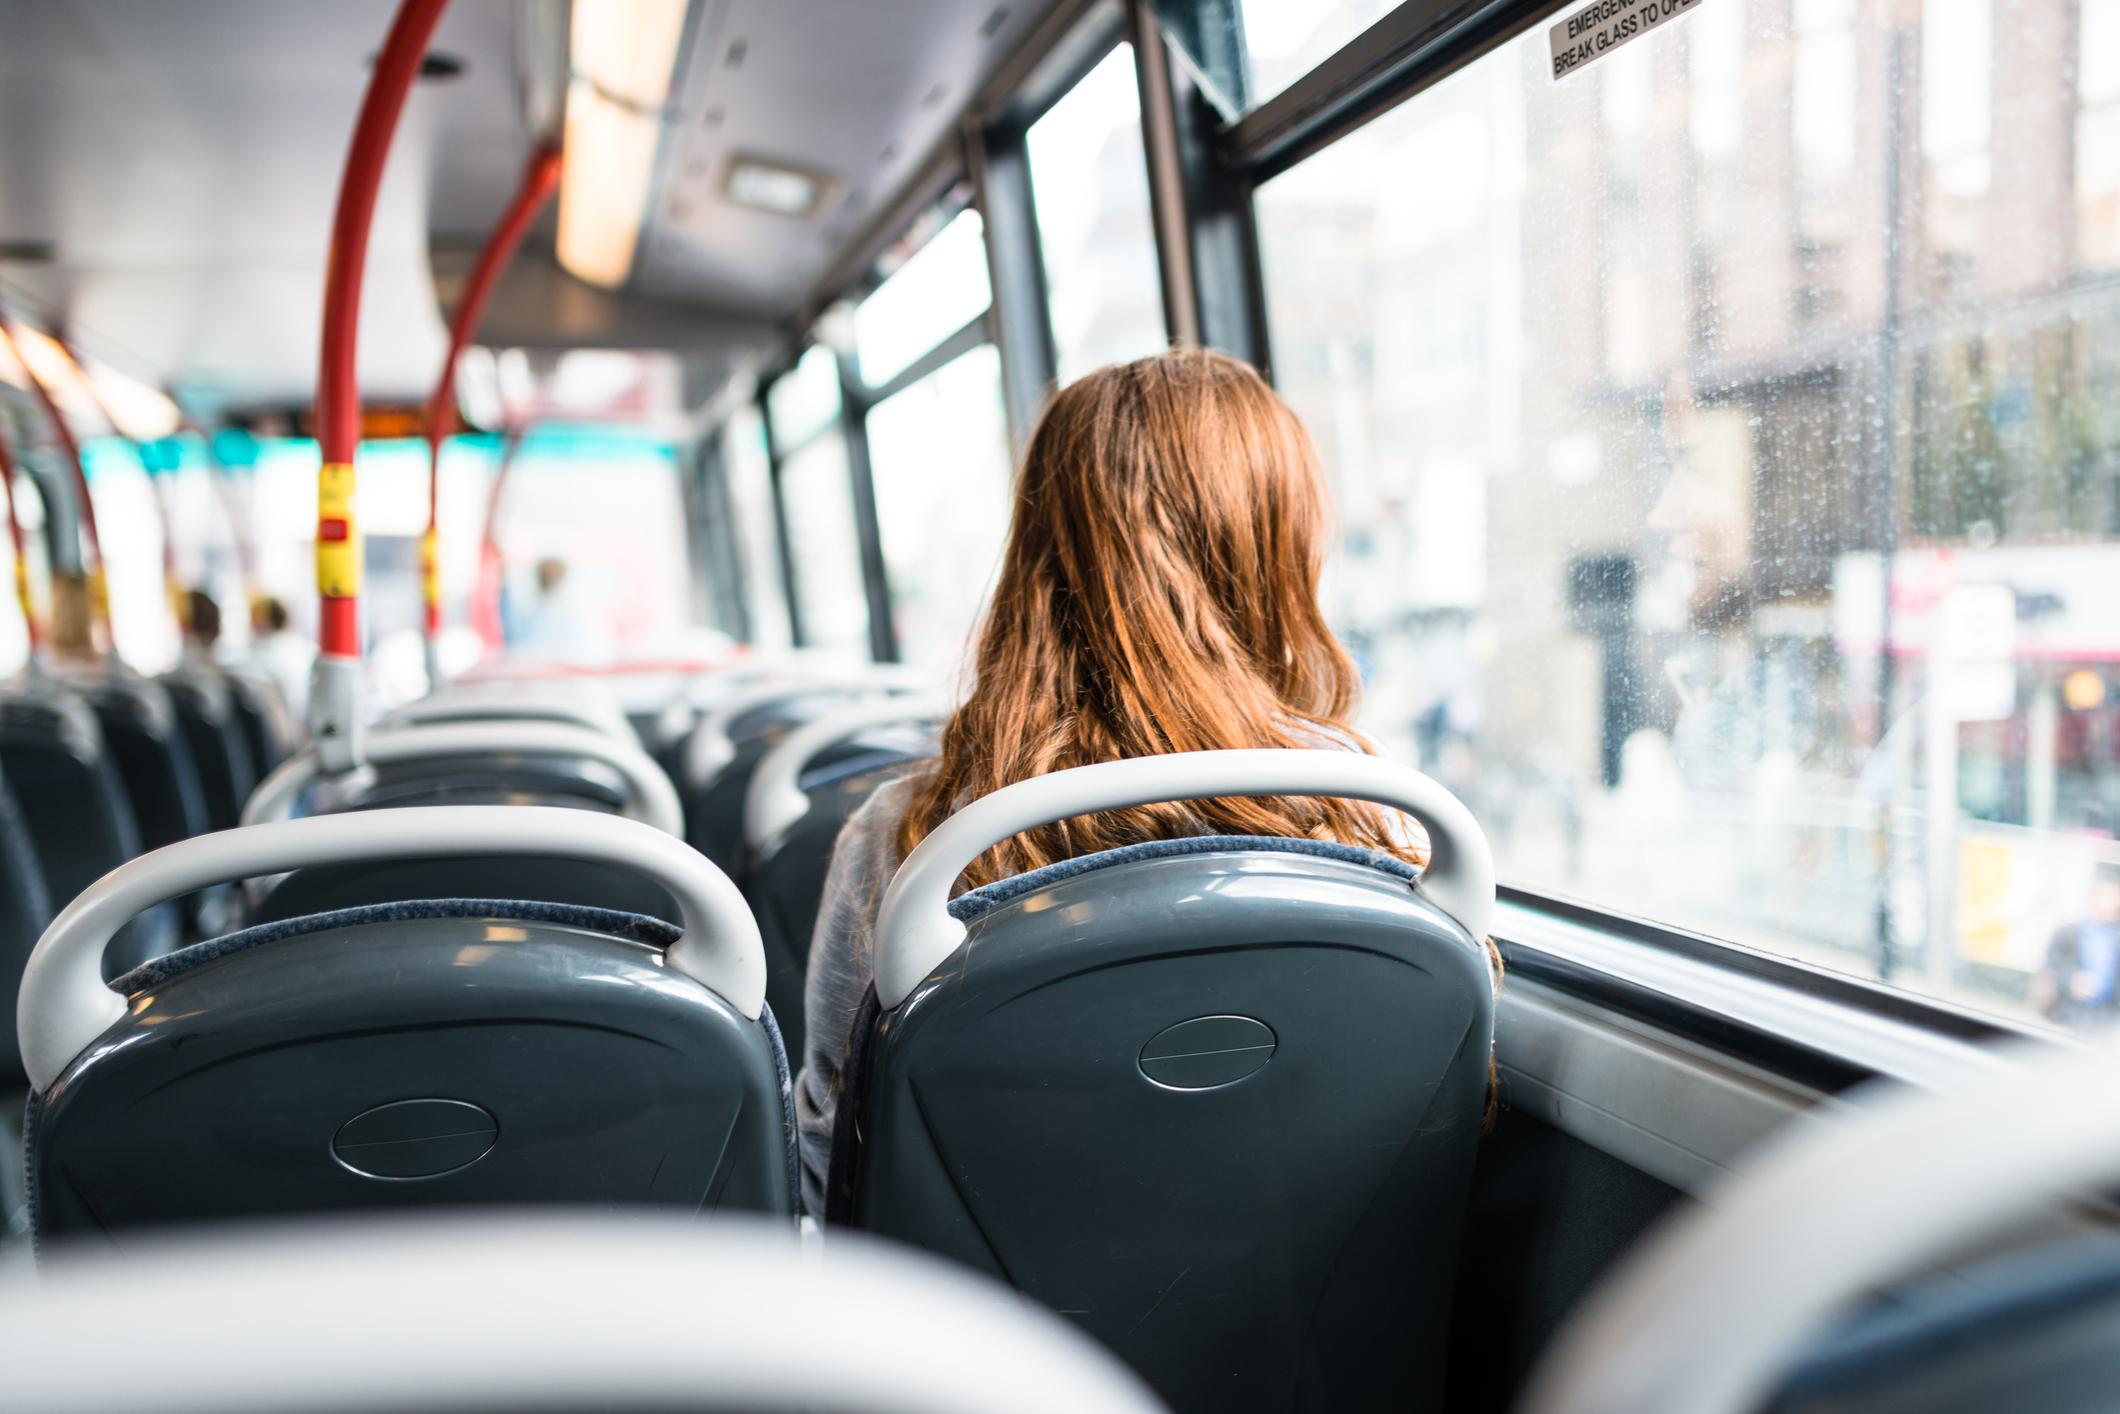 Passeggera su un autobus